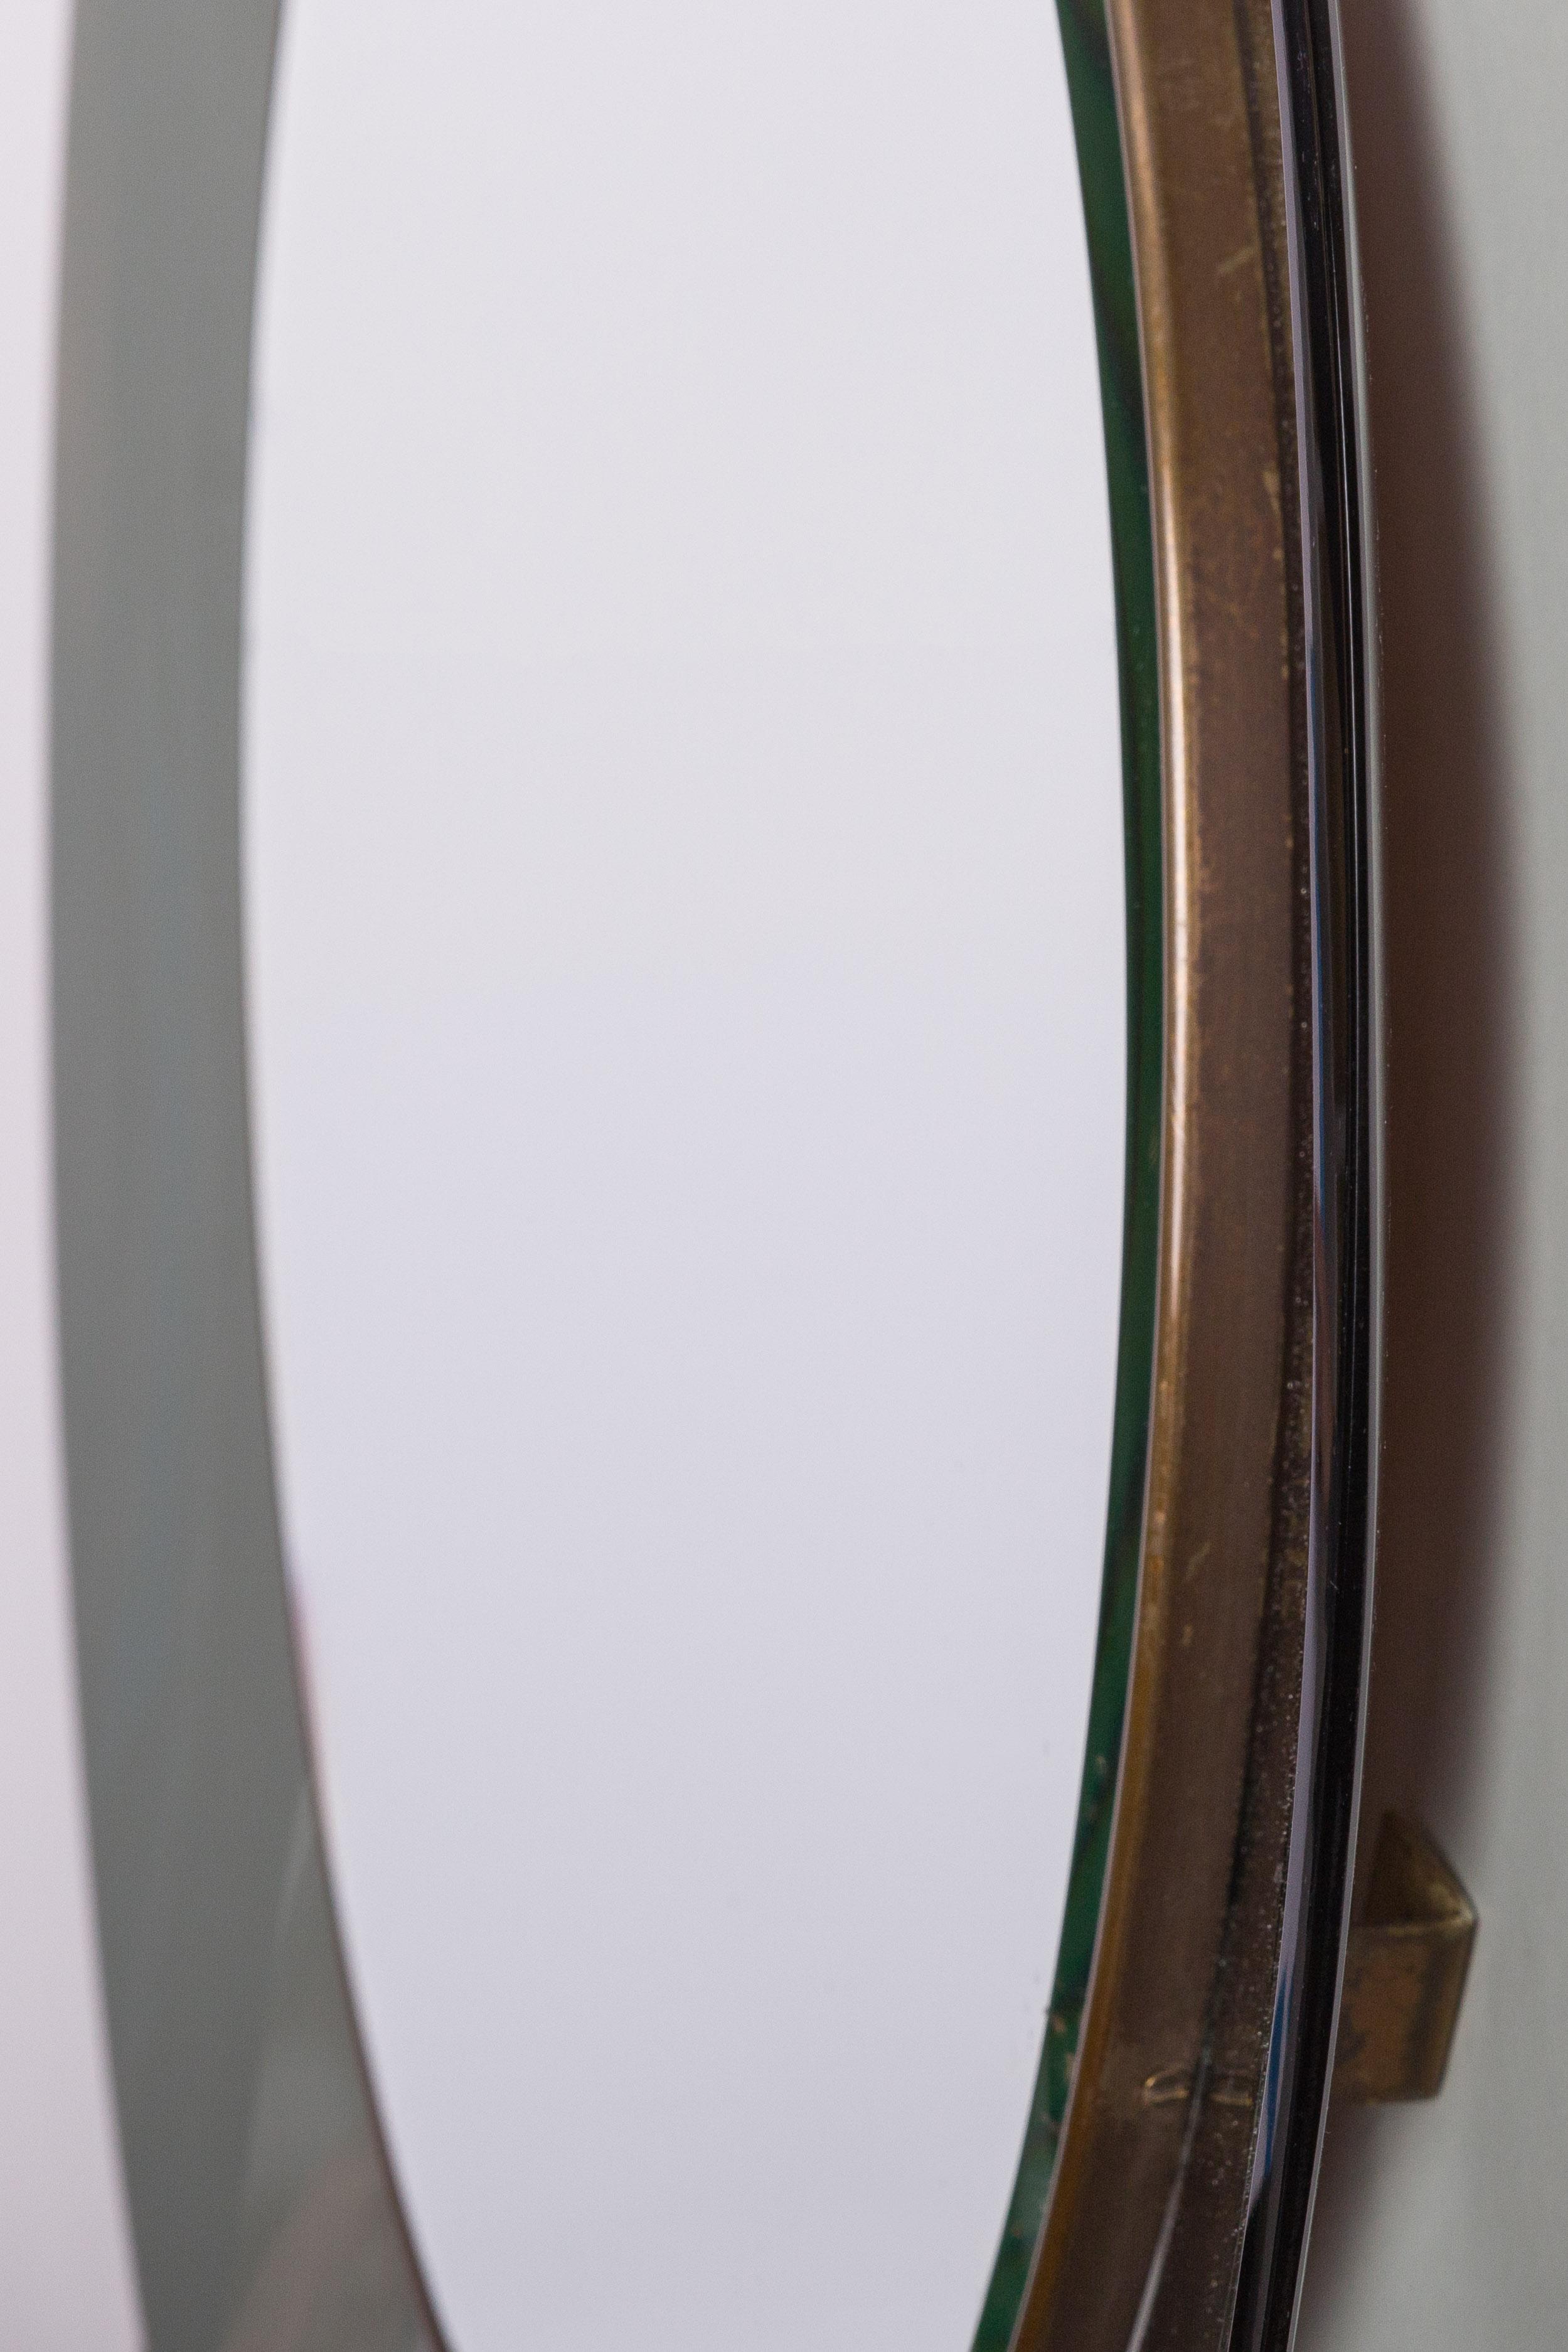 fon505-2 by    soyun k.